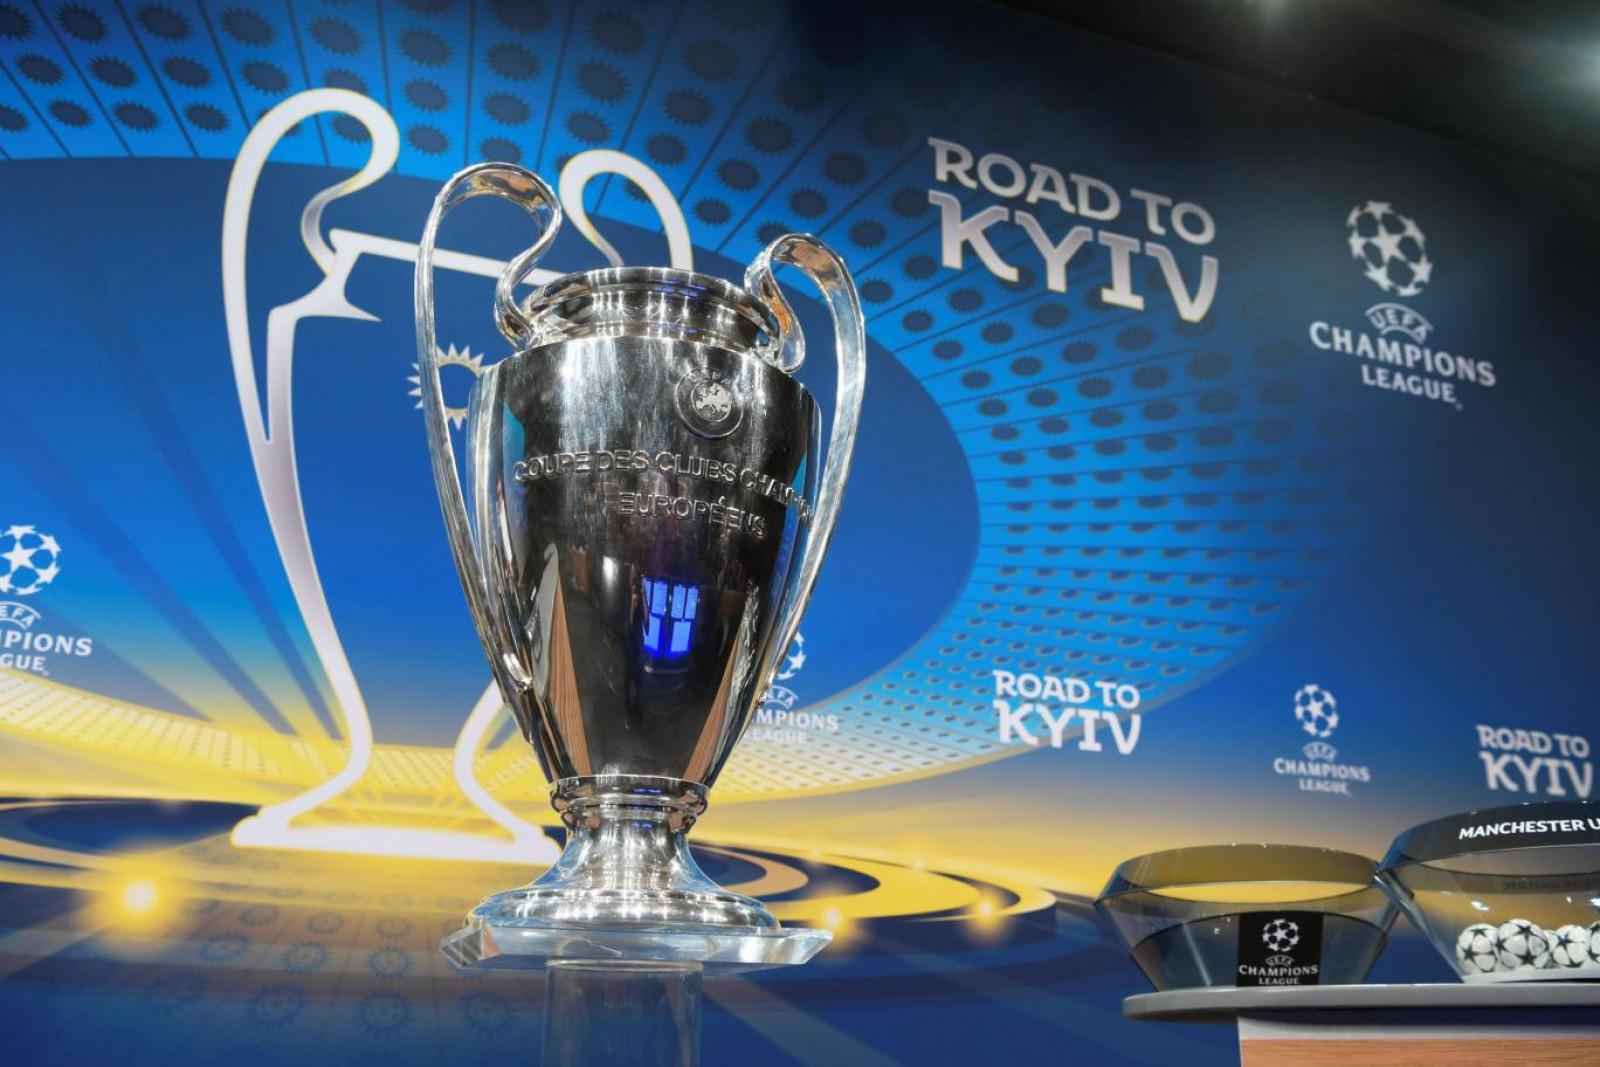 Liga Campionilor revine în lumina reflectoarelor! Juventus - Tottenham este meciul vedetă din prima zi a optimilor